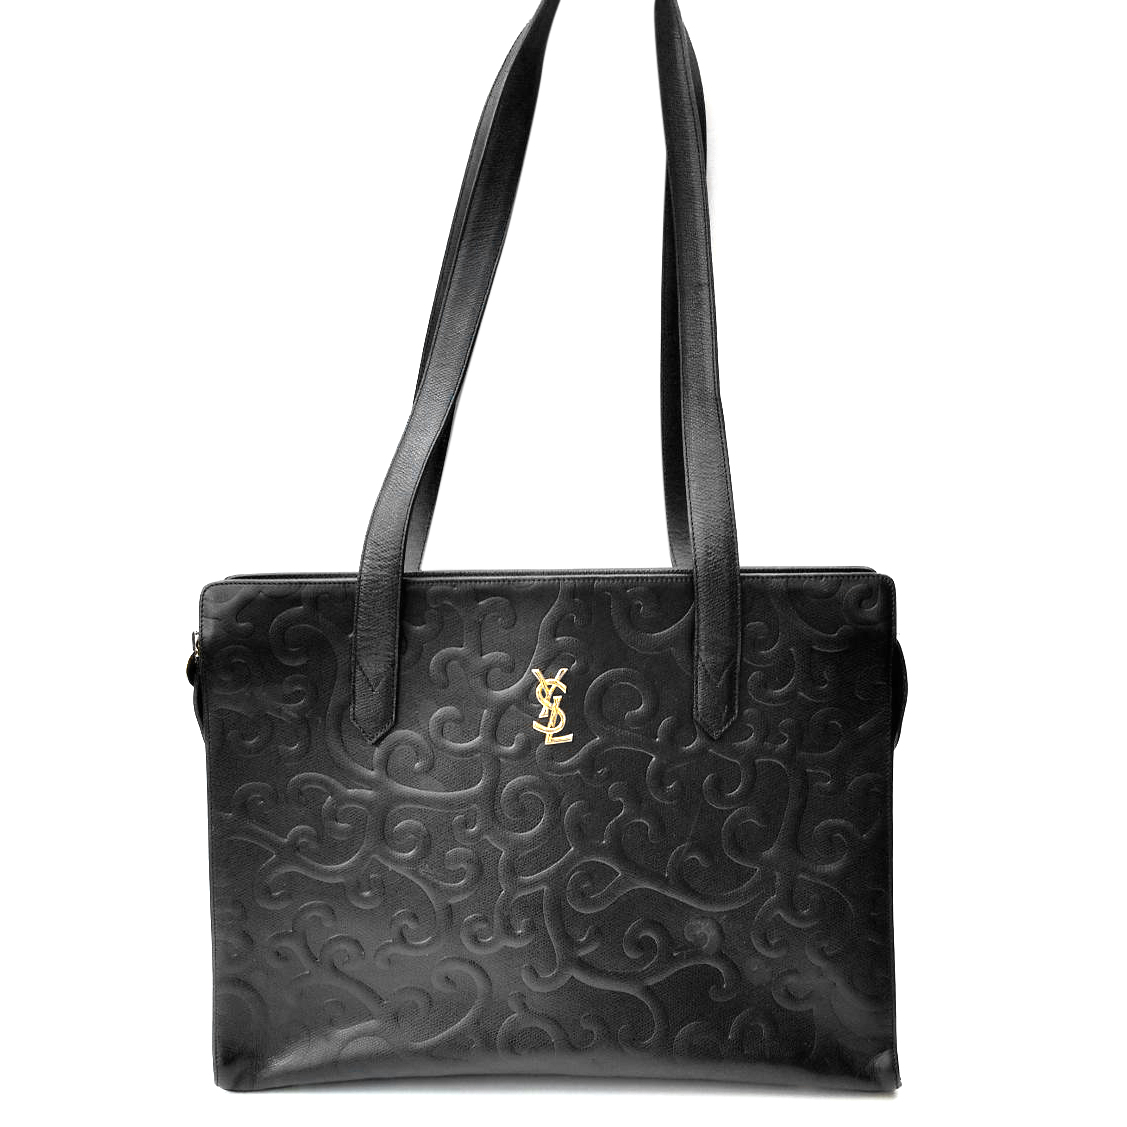 3a8bbc49d407 Ysl Yves Saint Laurent Vintage Arabesque Black Leather Shoulder B ...